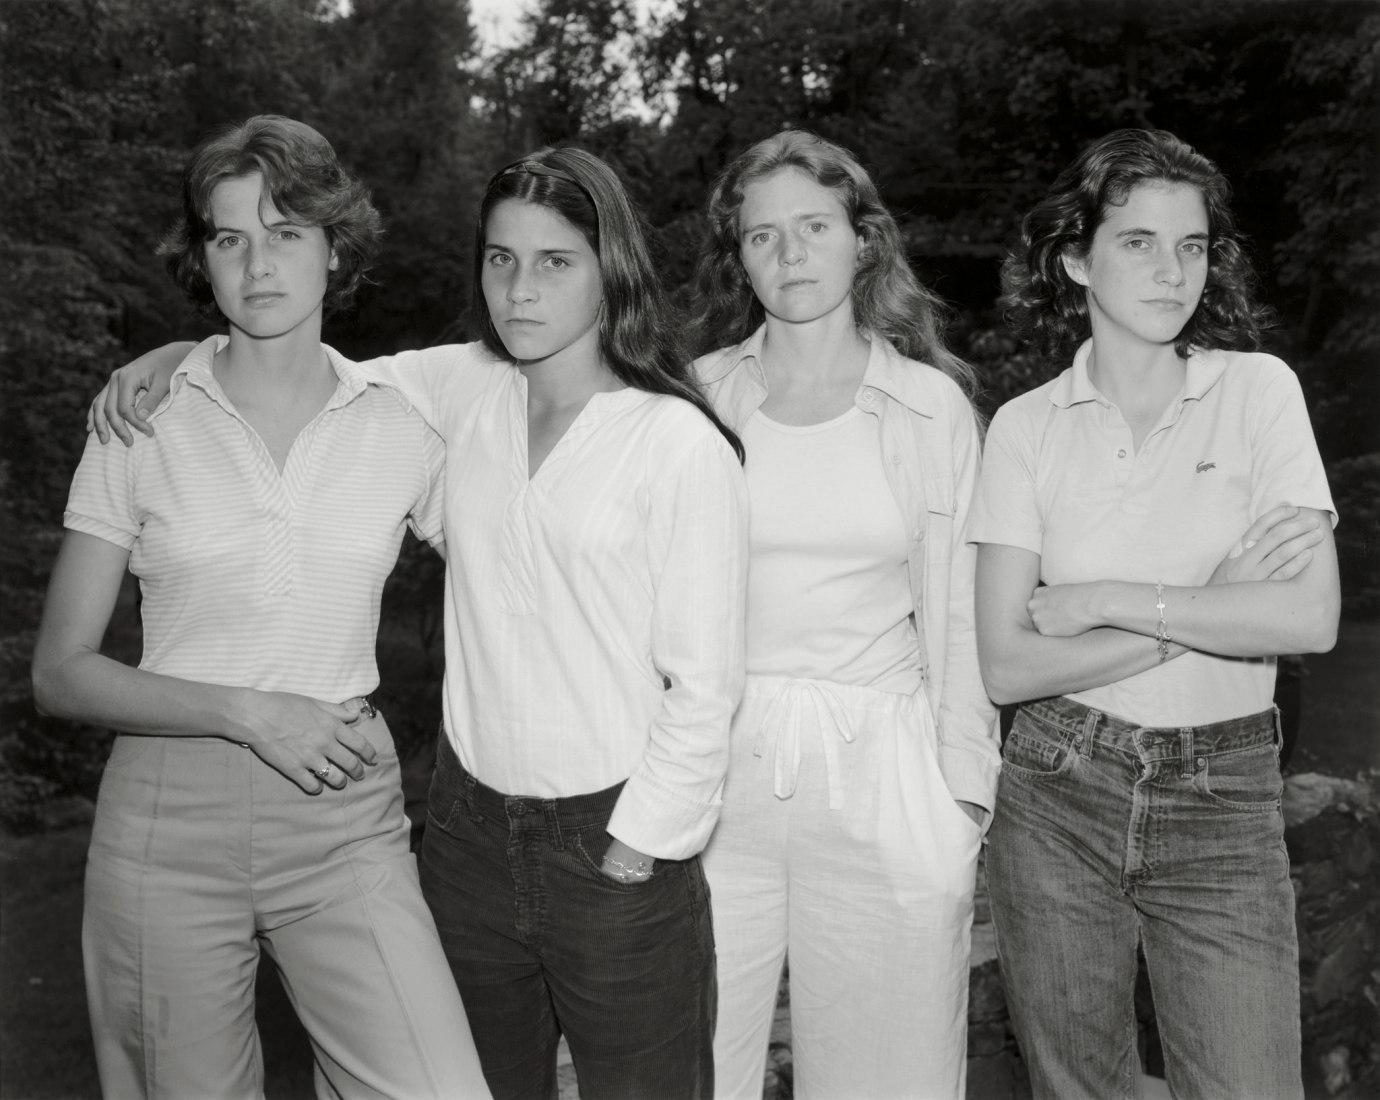 The Brown Sisters Las hermanas Brown 1975 Copia en gelatina de plata  45,4 x 57,1 cm Colecciones Fundación MAPFRE FM000341. Fotografía ©Nicholas Nixon. Cortesía Fraenkel Gallery, San Francisco. Vía Mapfre.